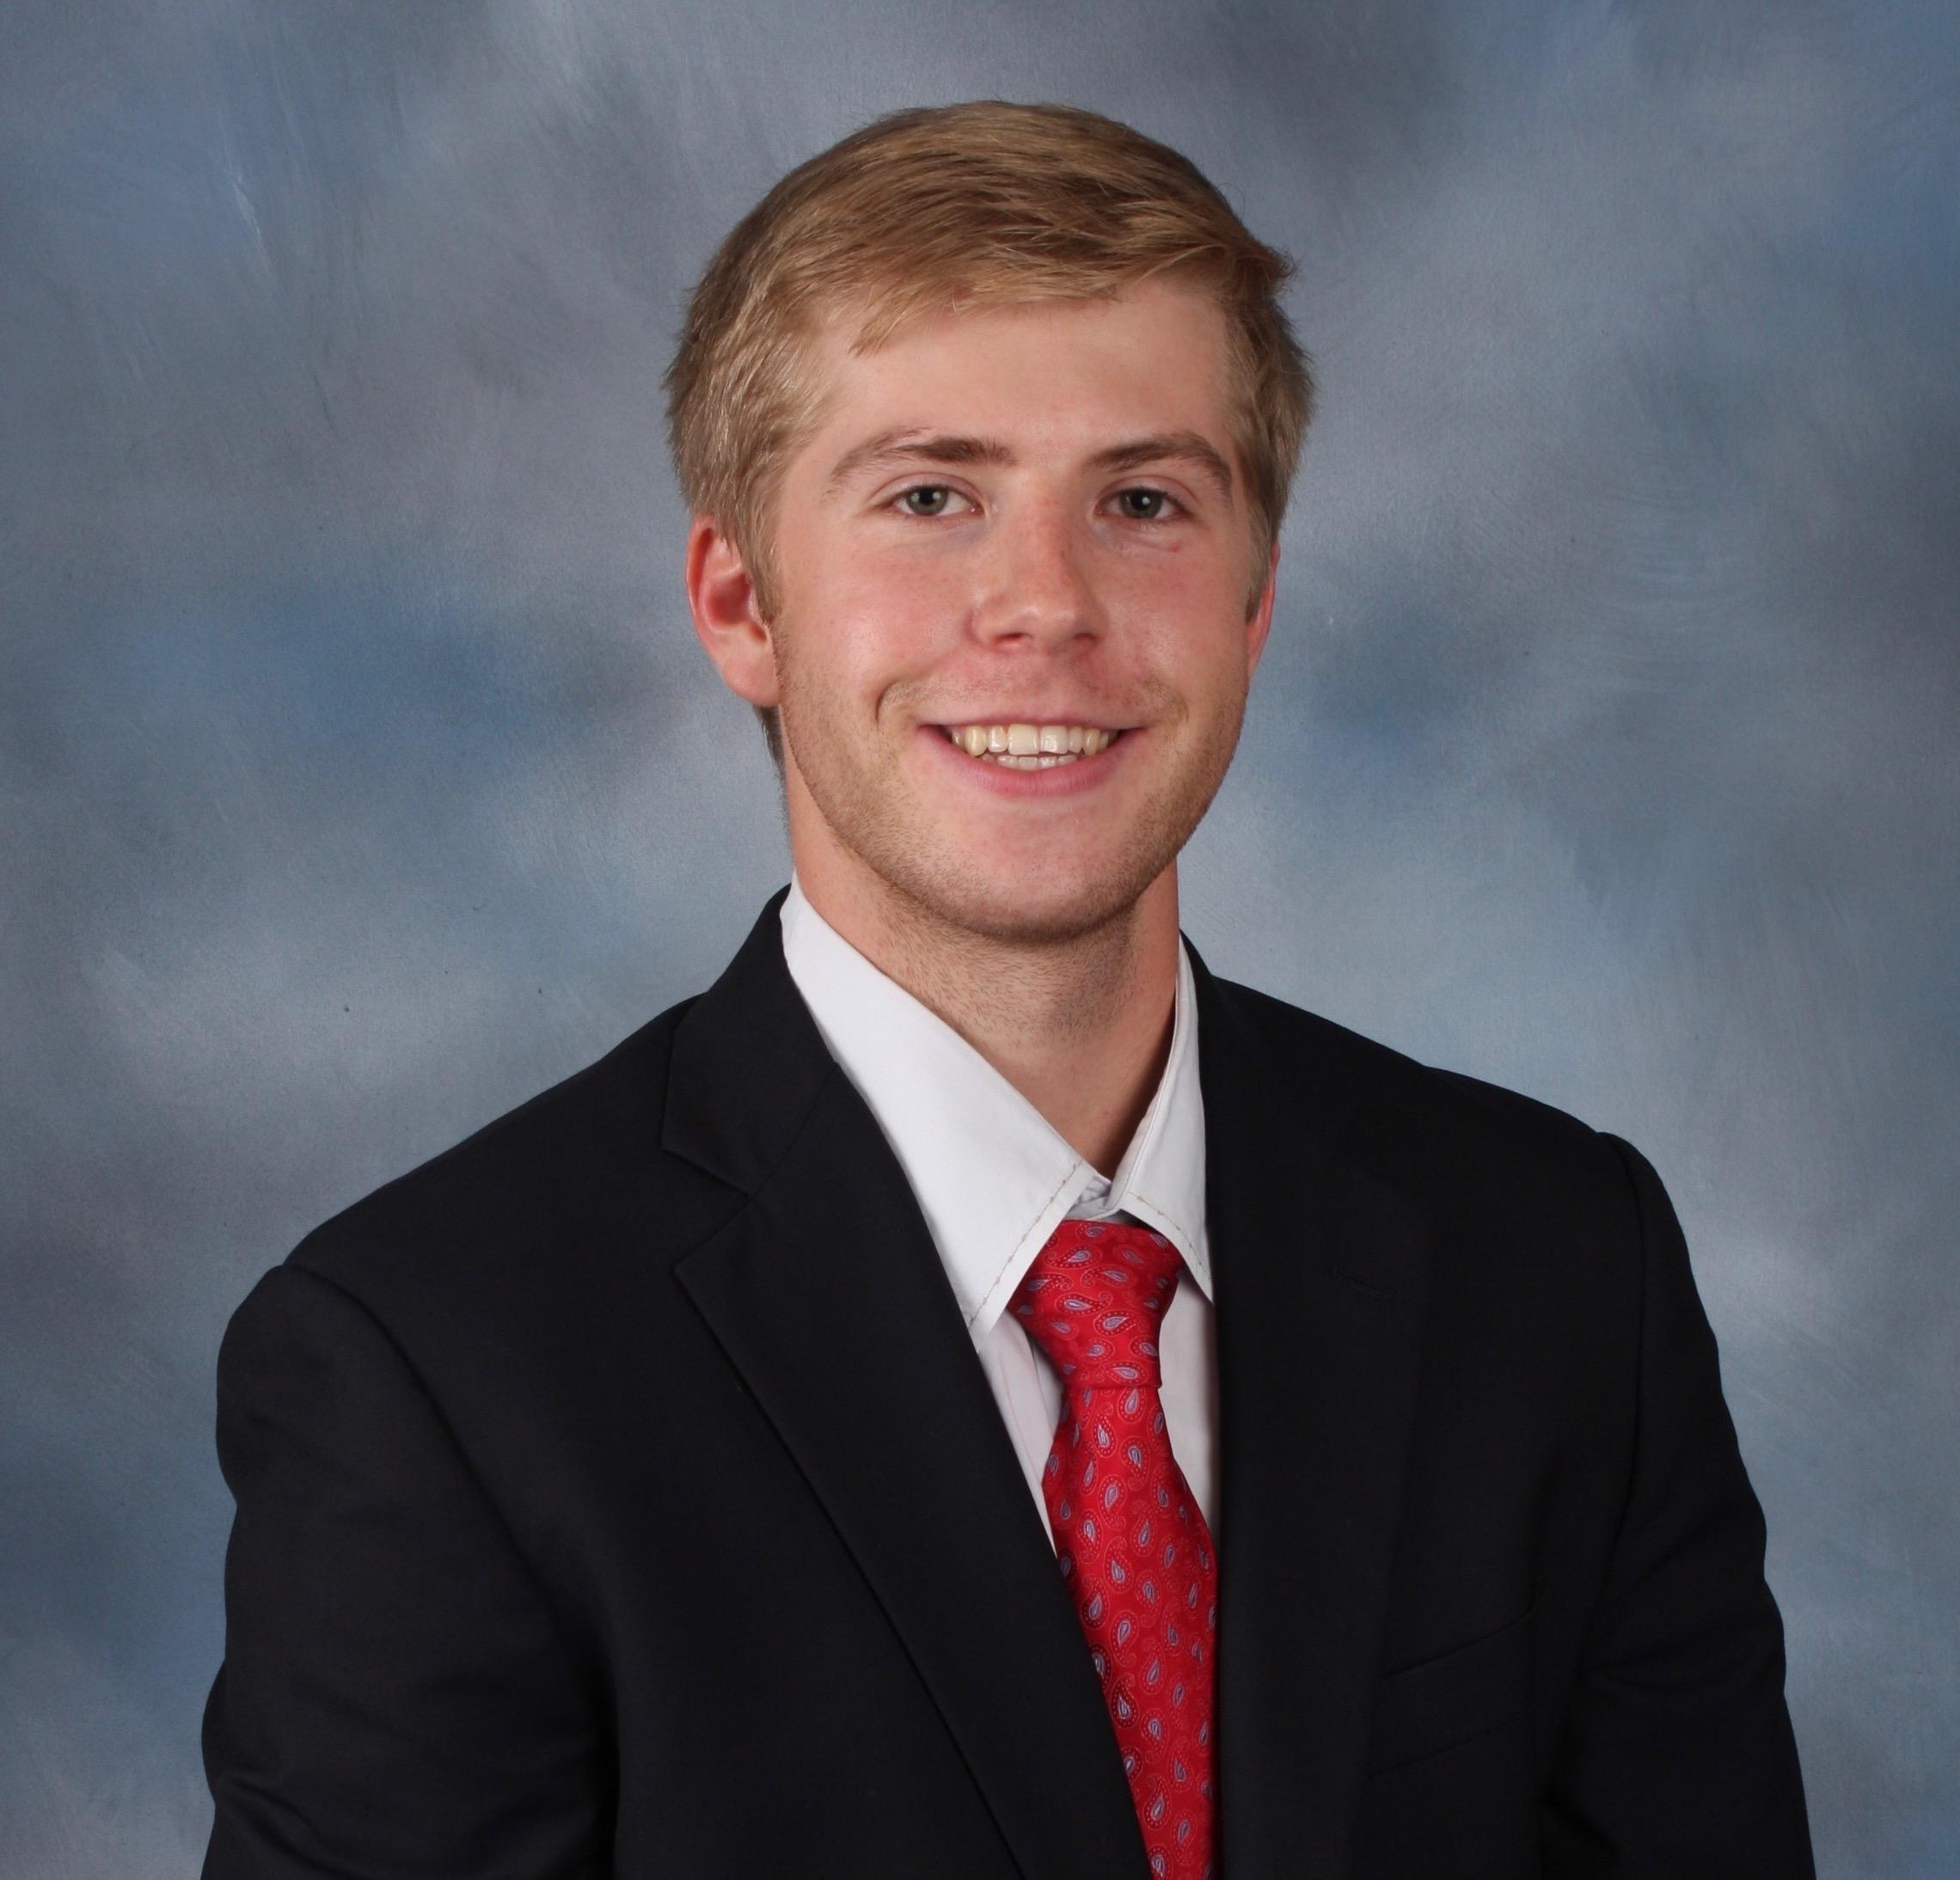 Zachary Blake Swaim